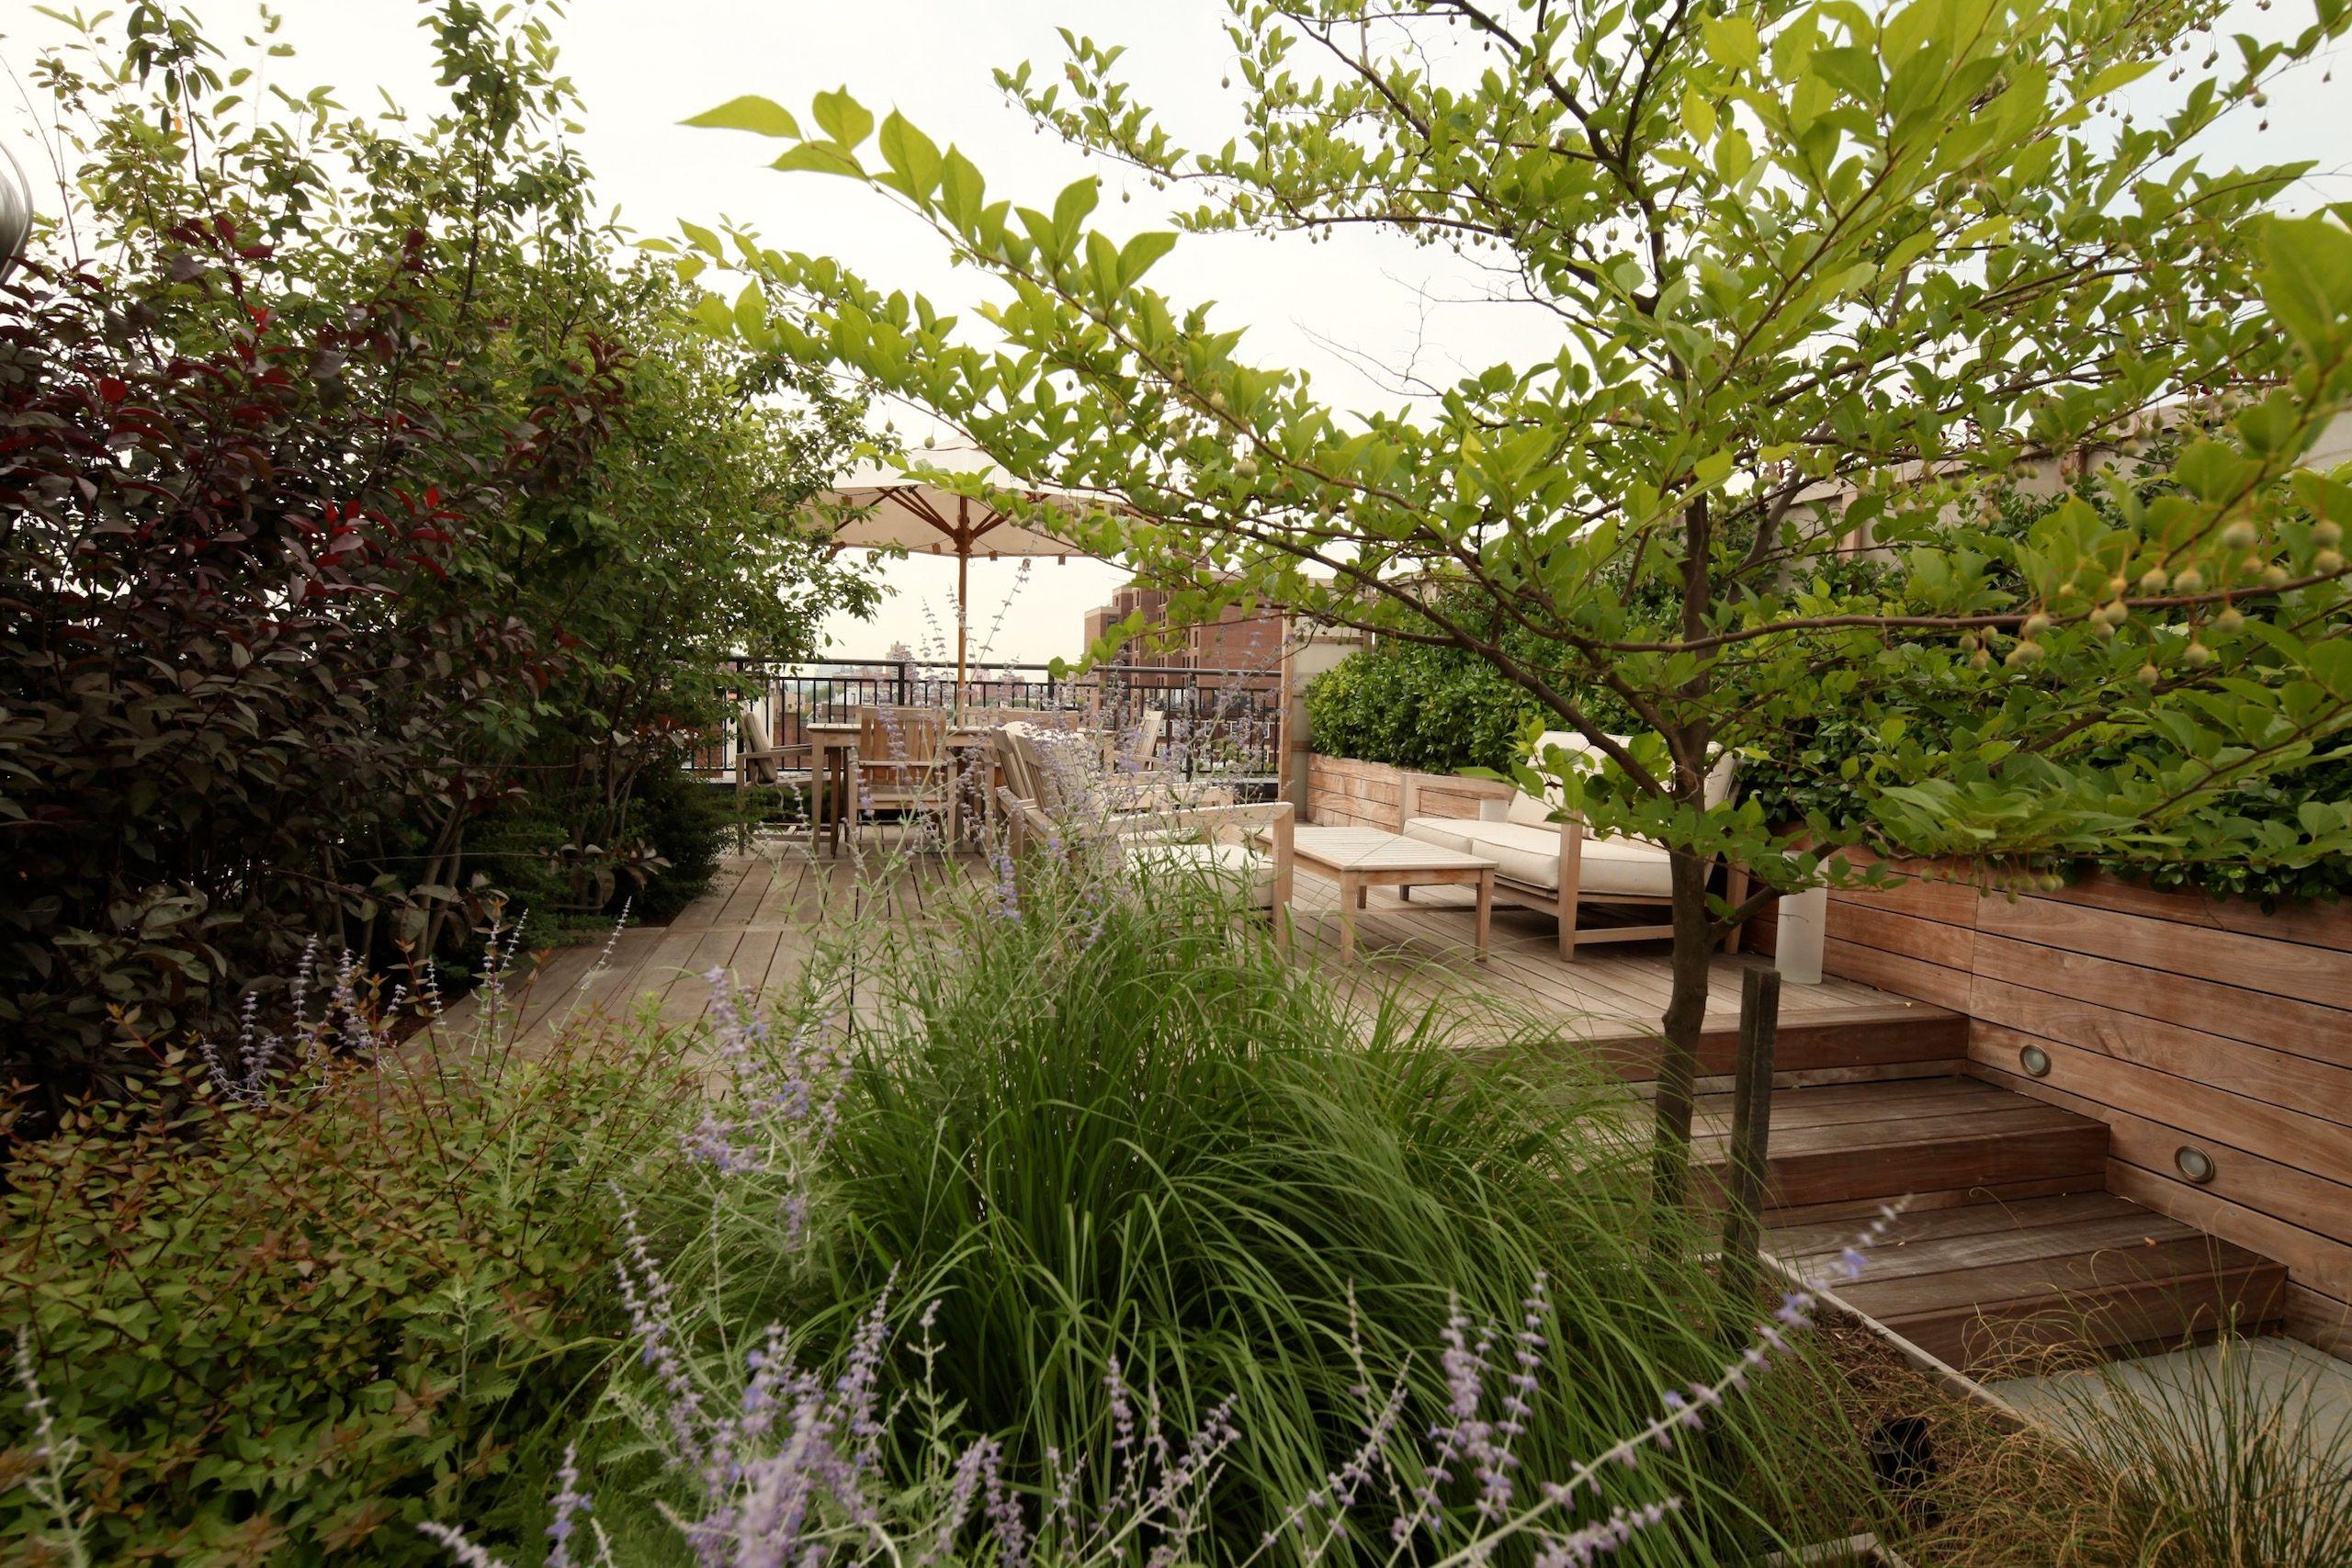 LaGuardia Place Roofgarden